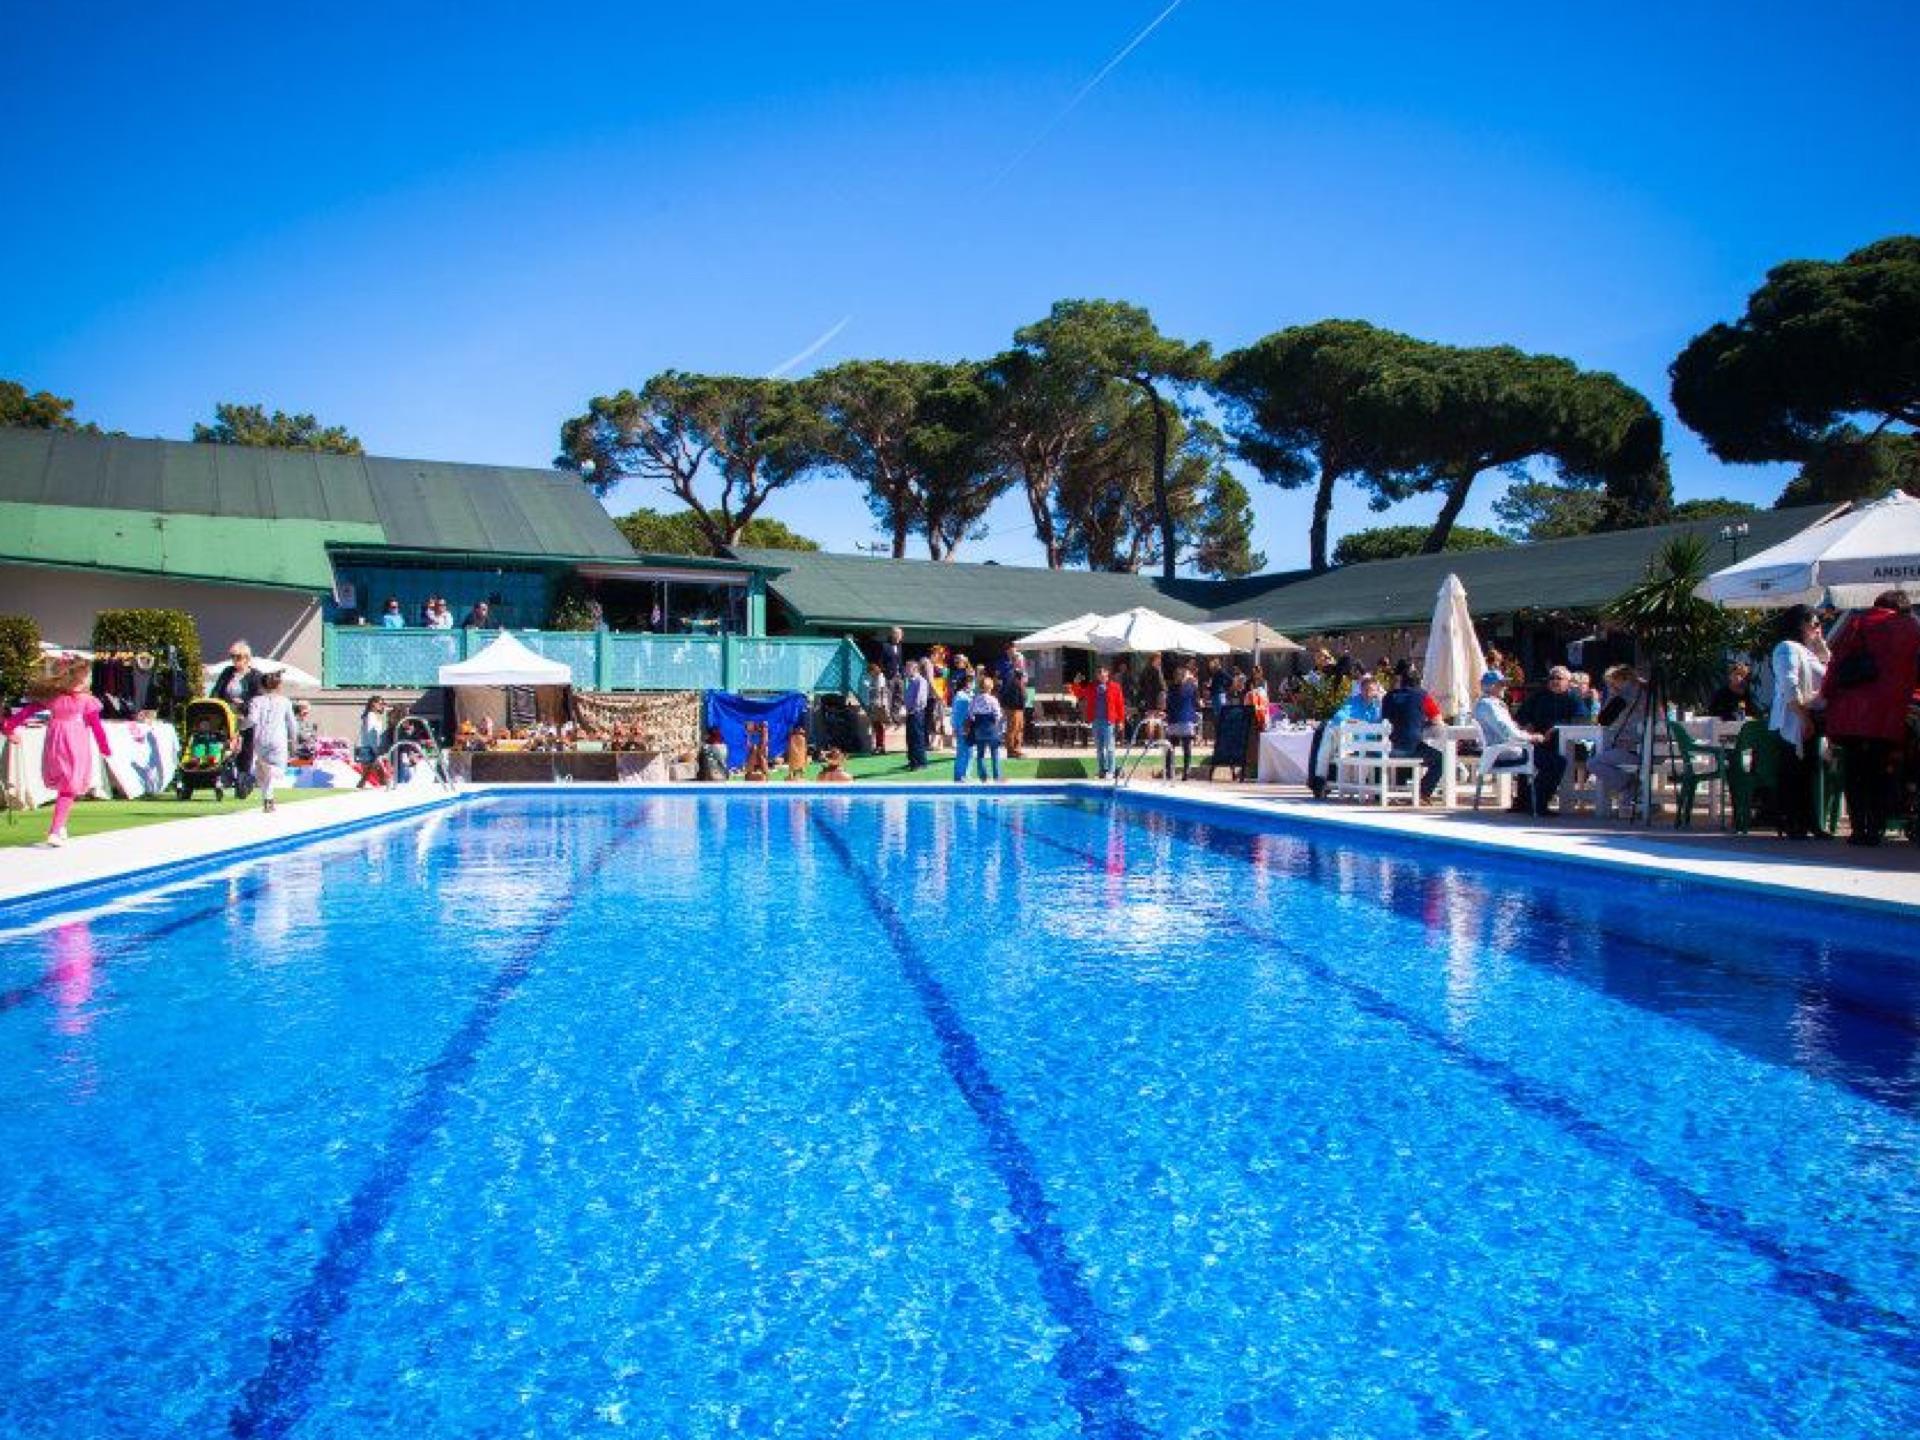 Royal Tennis Club Marbella 2